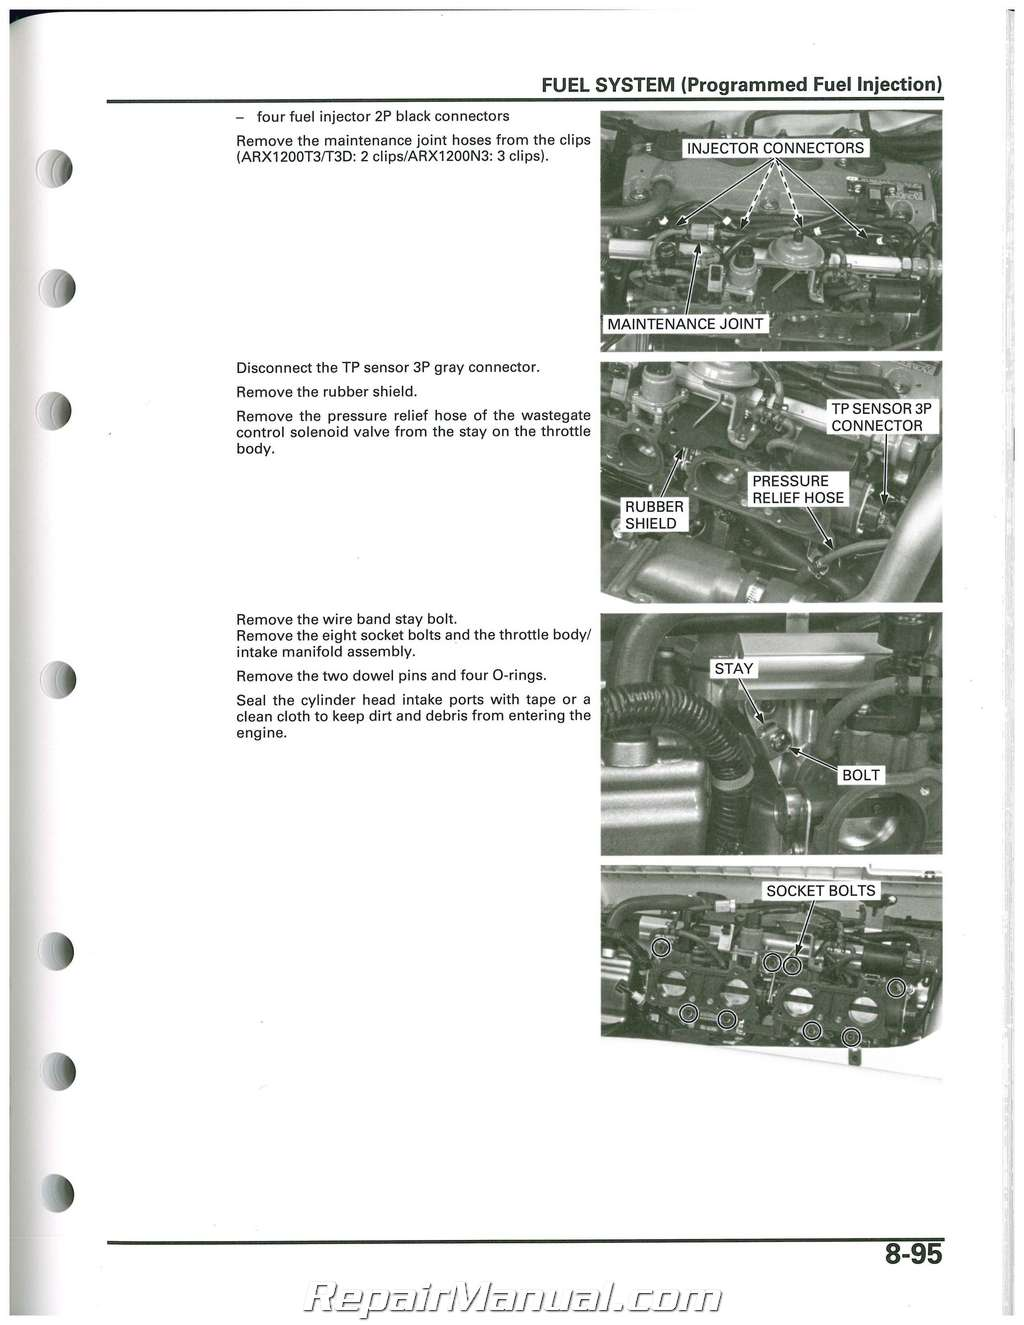 2004 2007 honda arx1200 aquatrax n3 t3 t3d owners service manual rh repairmanual com Corvette Owners Manual User Manual PDF